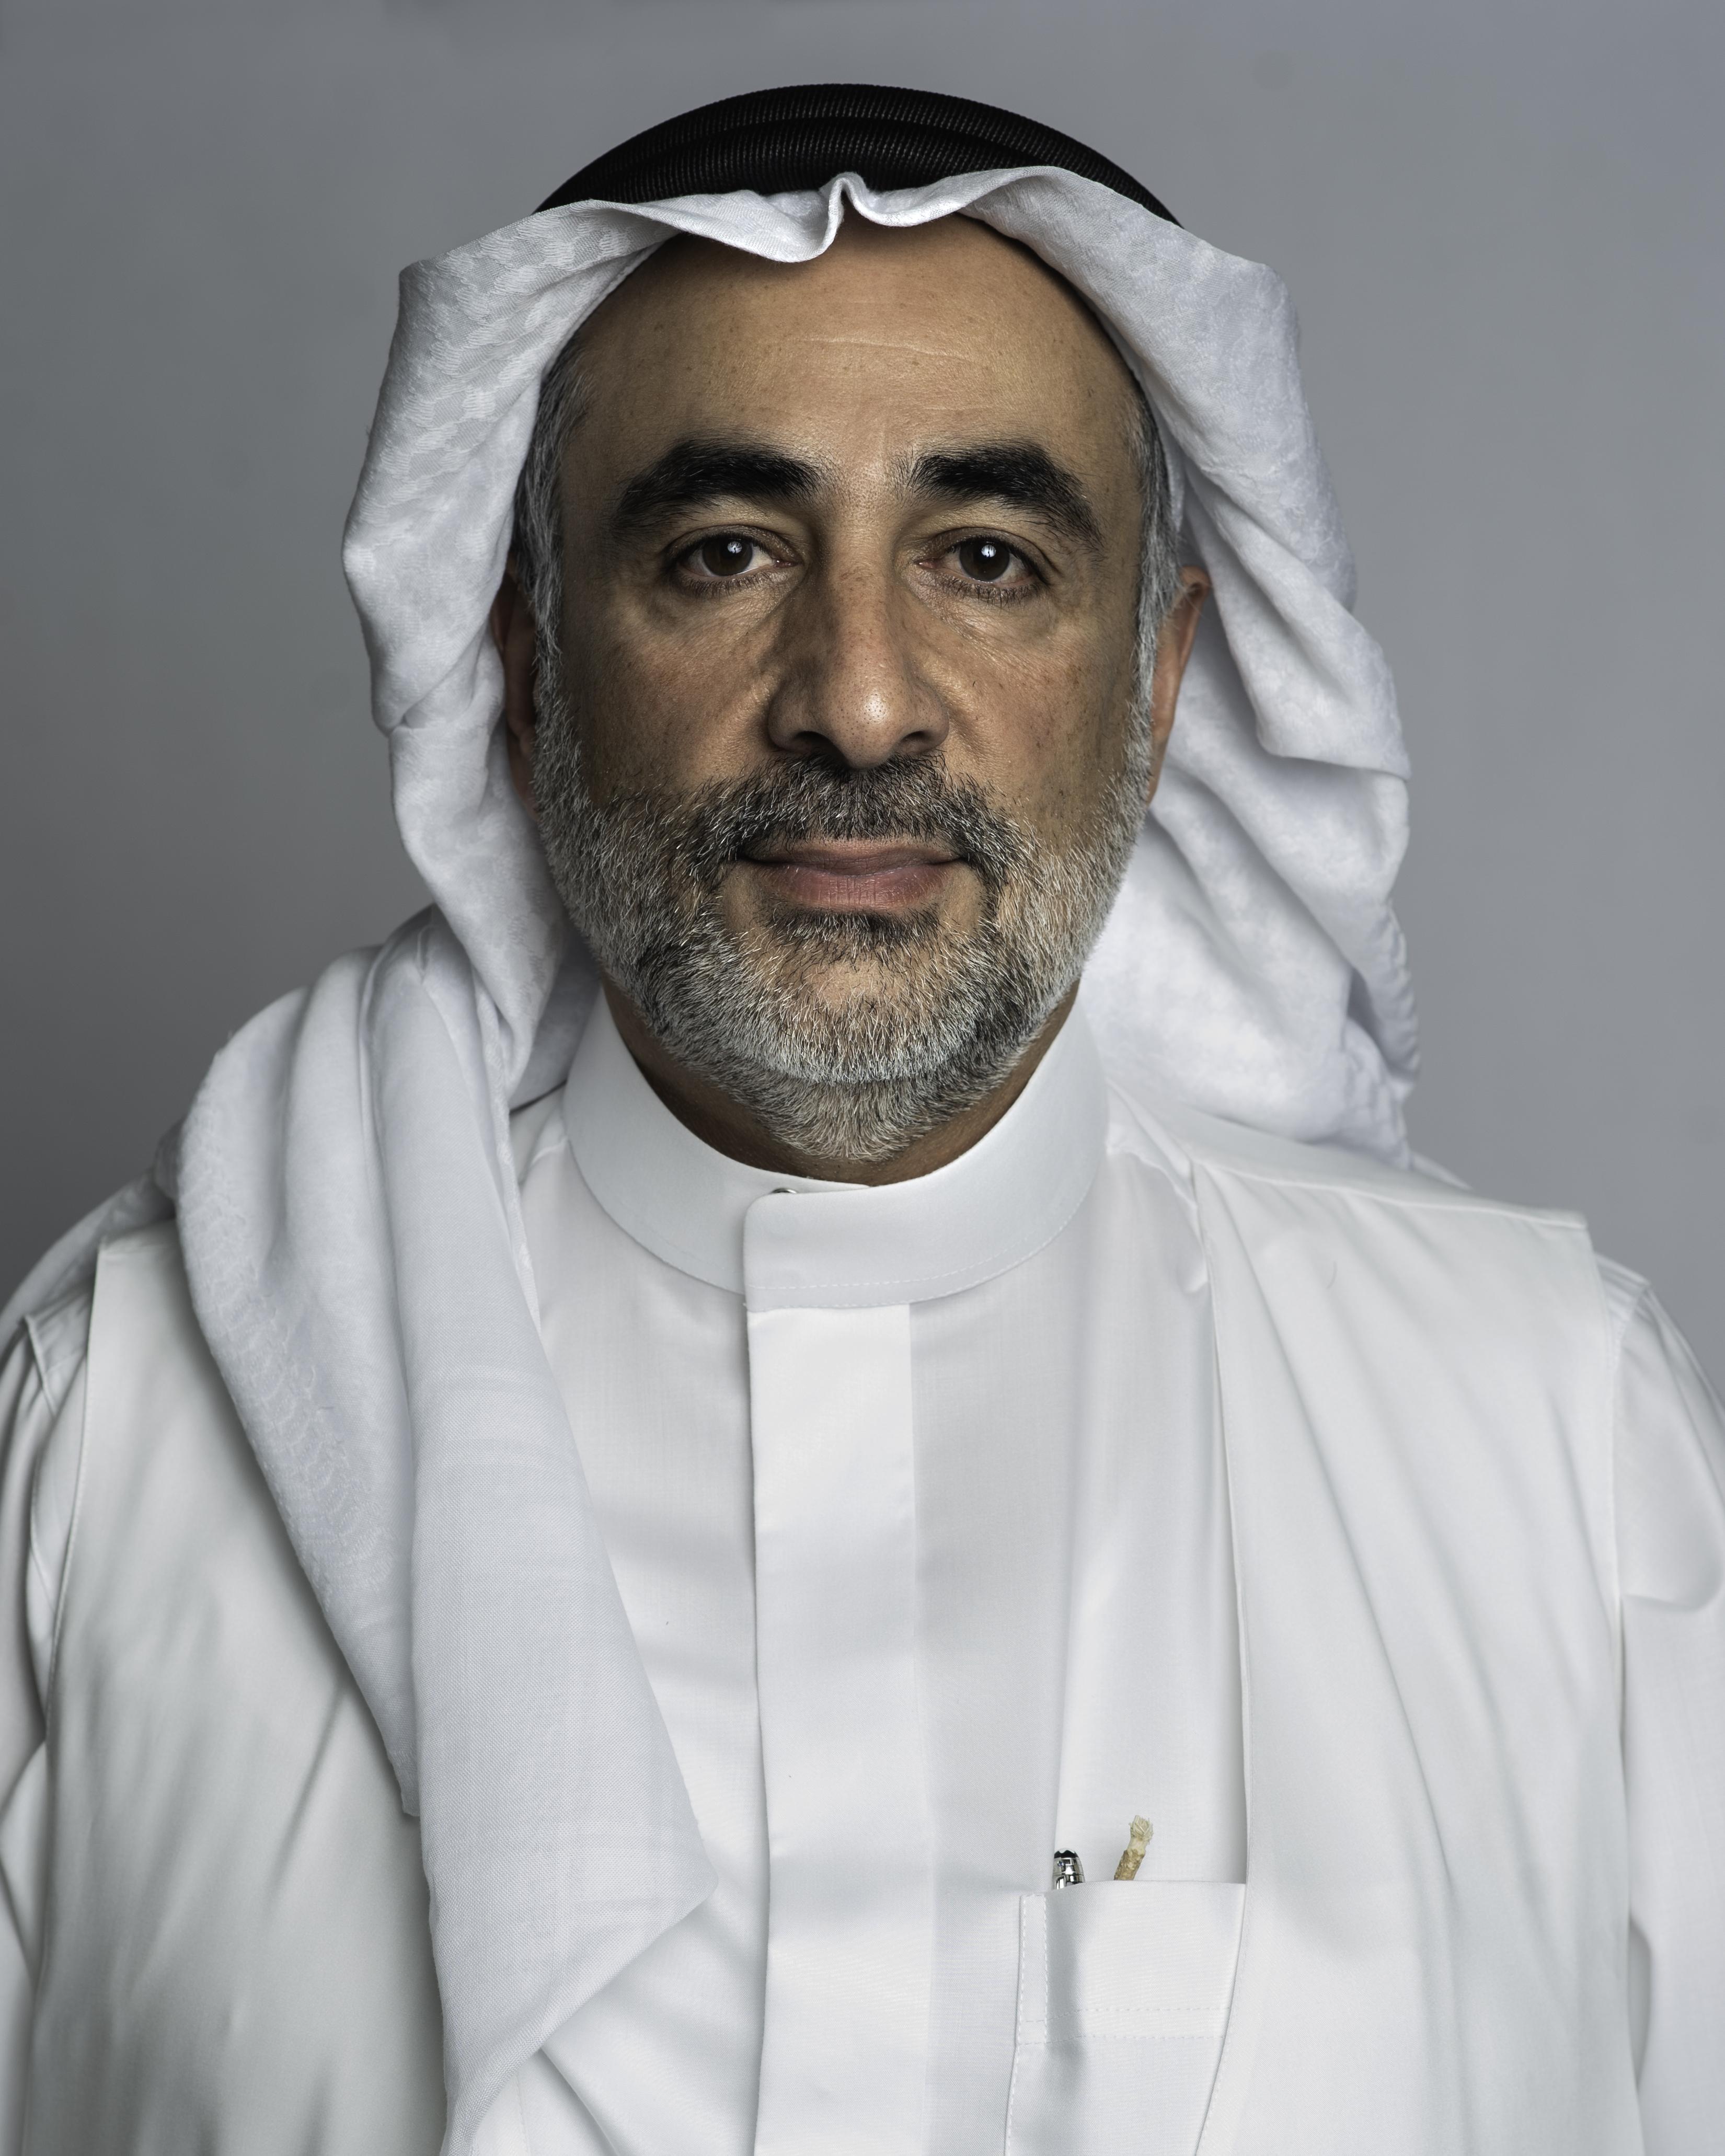 الأستاذ/ سعود عبدالعزيز السليمان